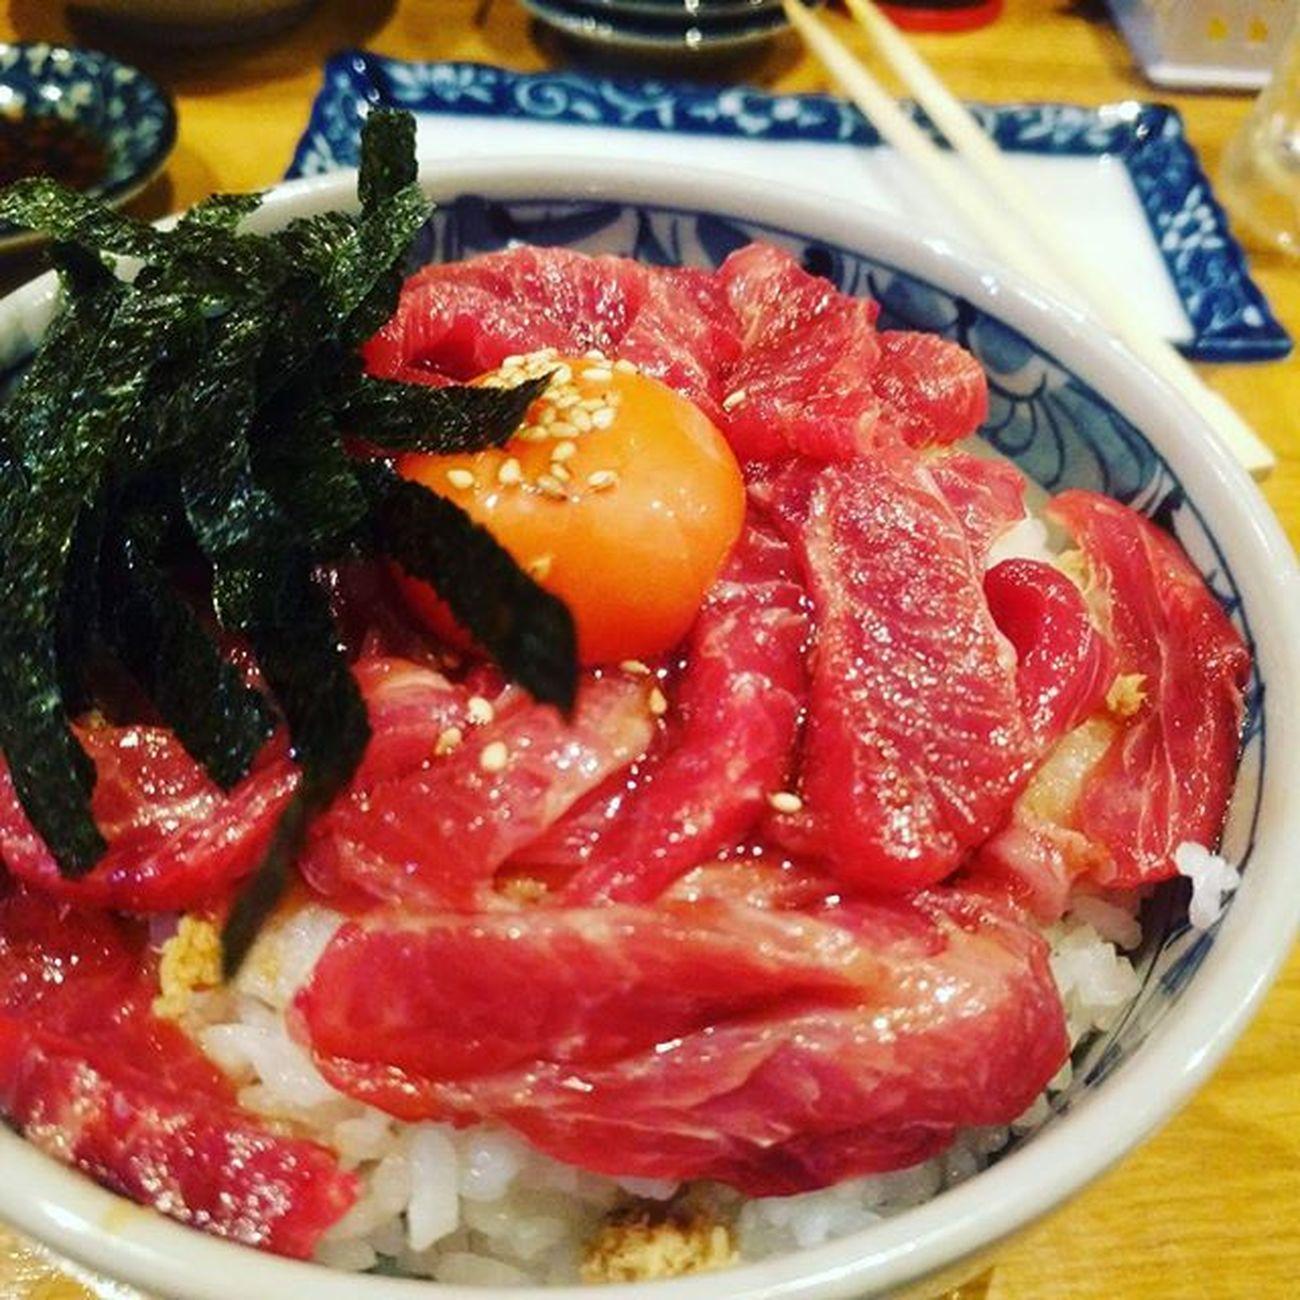 海鮮丼ランキング暫定一位 #ほほ肉 #マグロ #美味すぎて涙出た